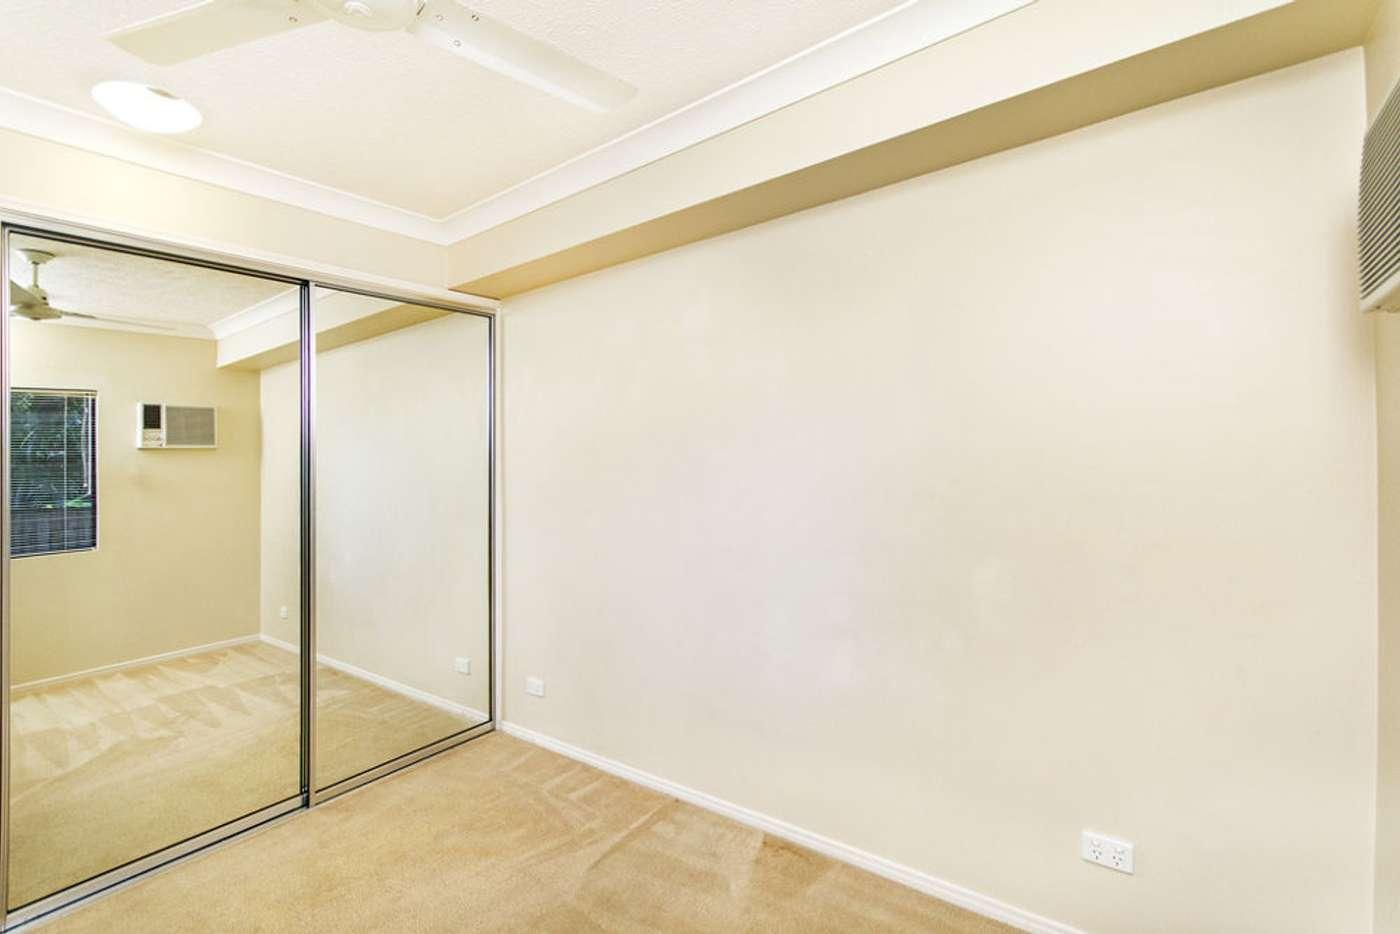 Sixth view of Homely unit listing, 3/183-185 Martyn Street, Manunda QLD 4870